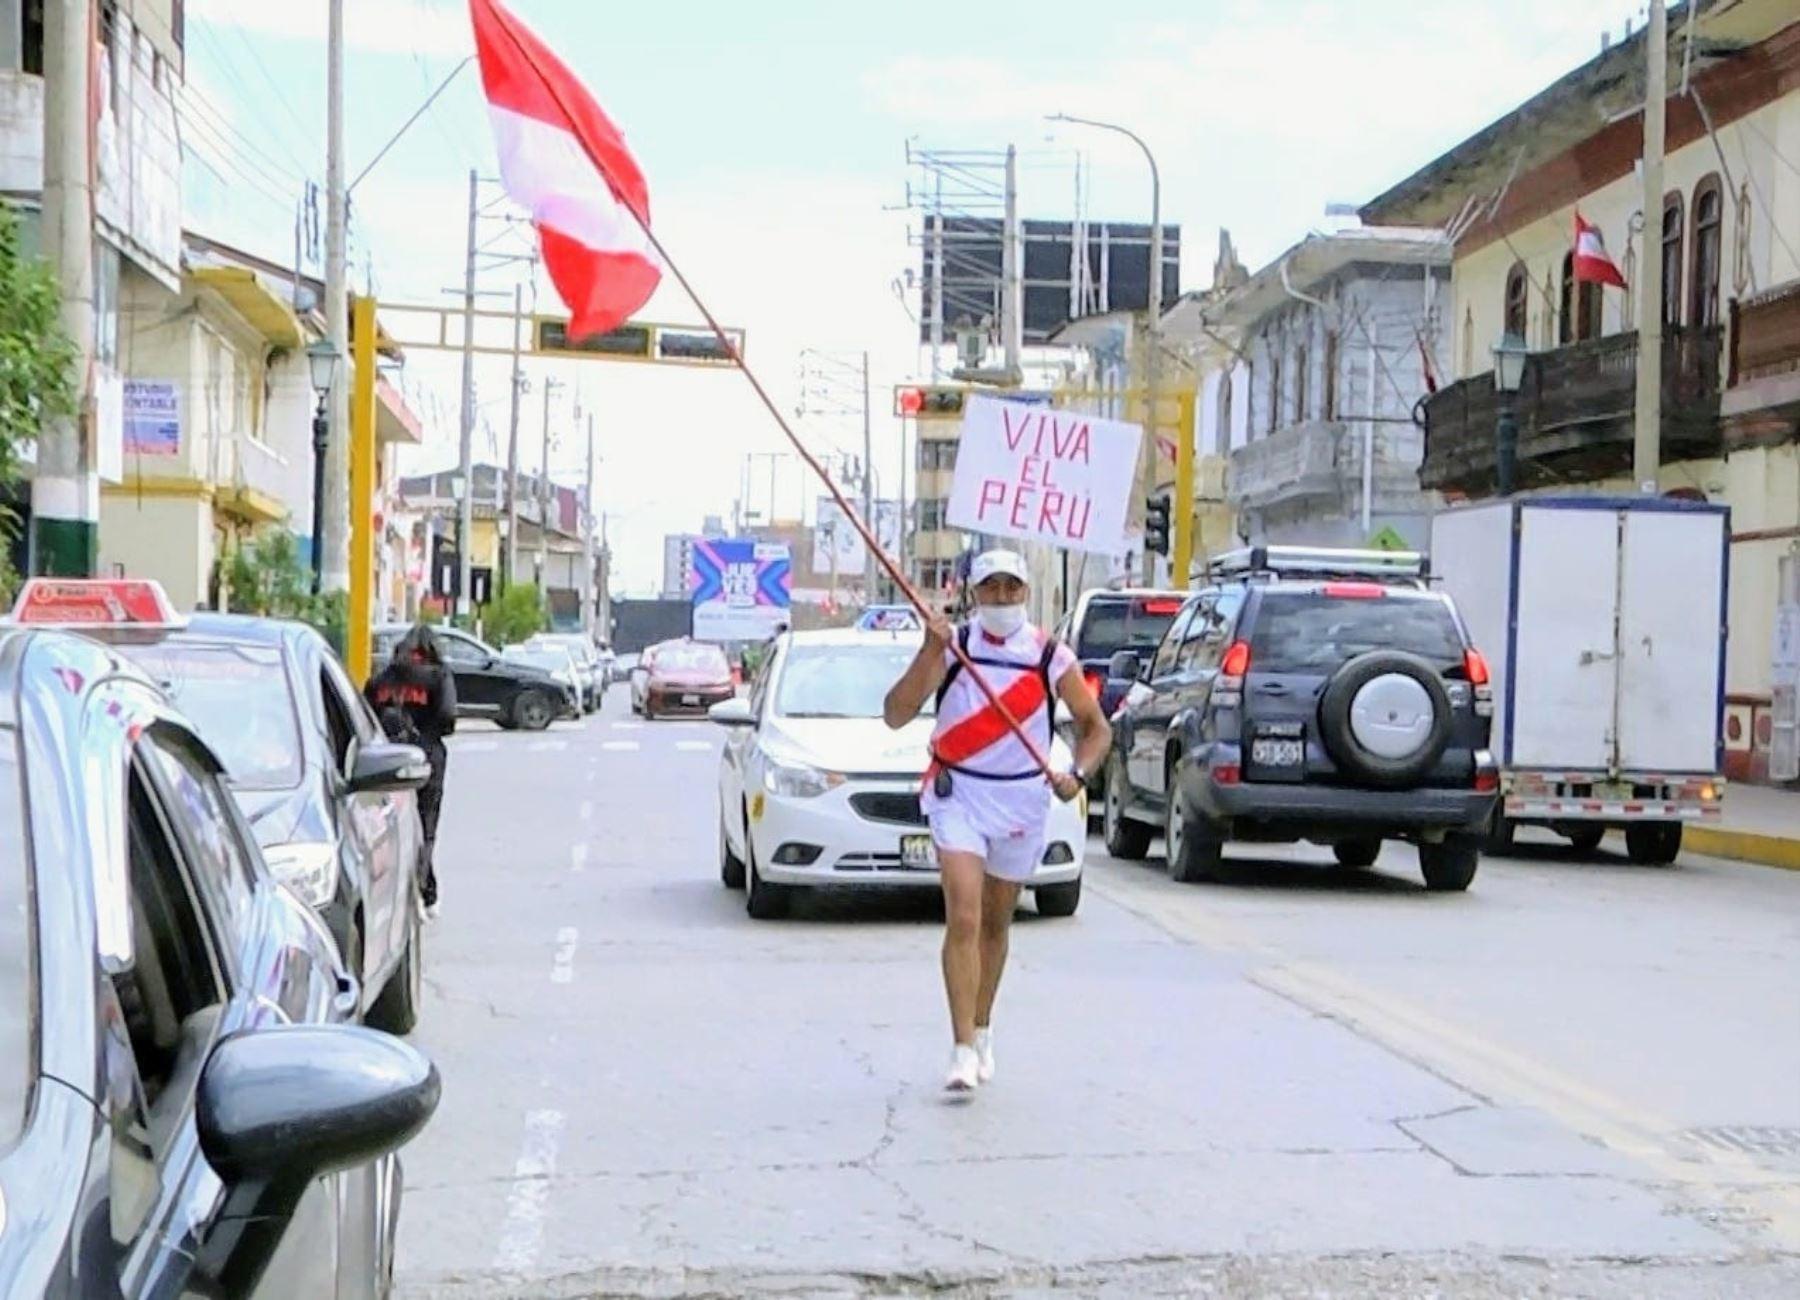 El atleta huancaíno Walter Fernández López corrió 22 kilómetros llevando la Bandera peruana y unió las ciudades de Huancayo y Concepción en homenaje al Bicentenario de Perú. Foto: ANDINA/difusión.